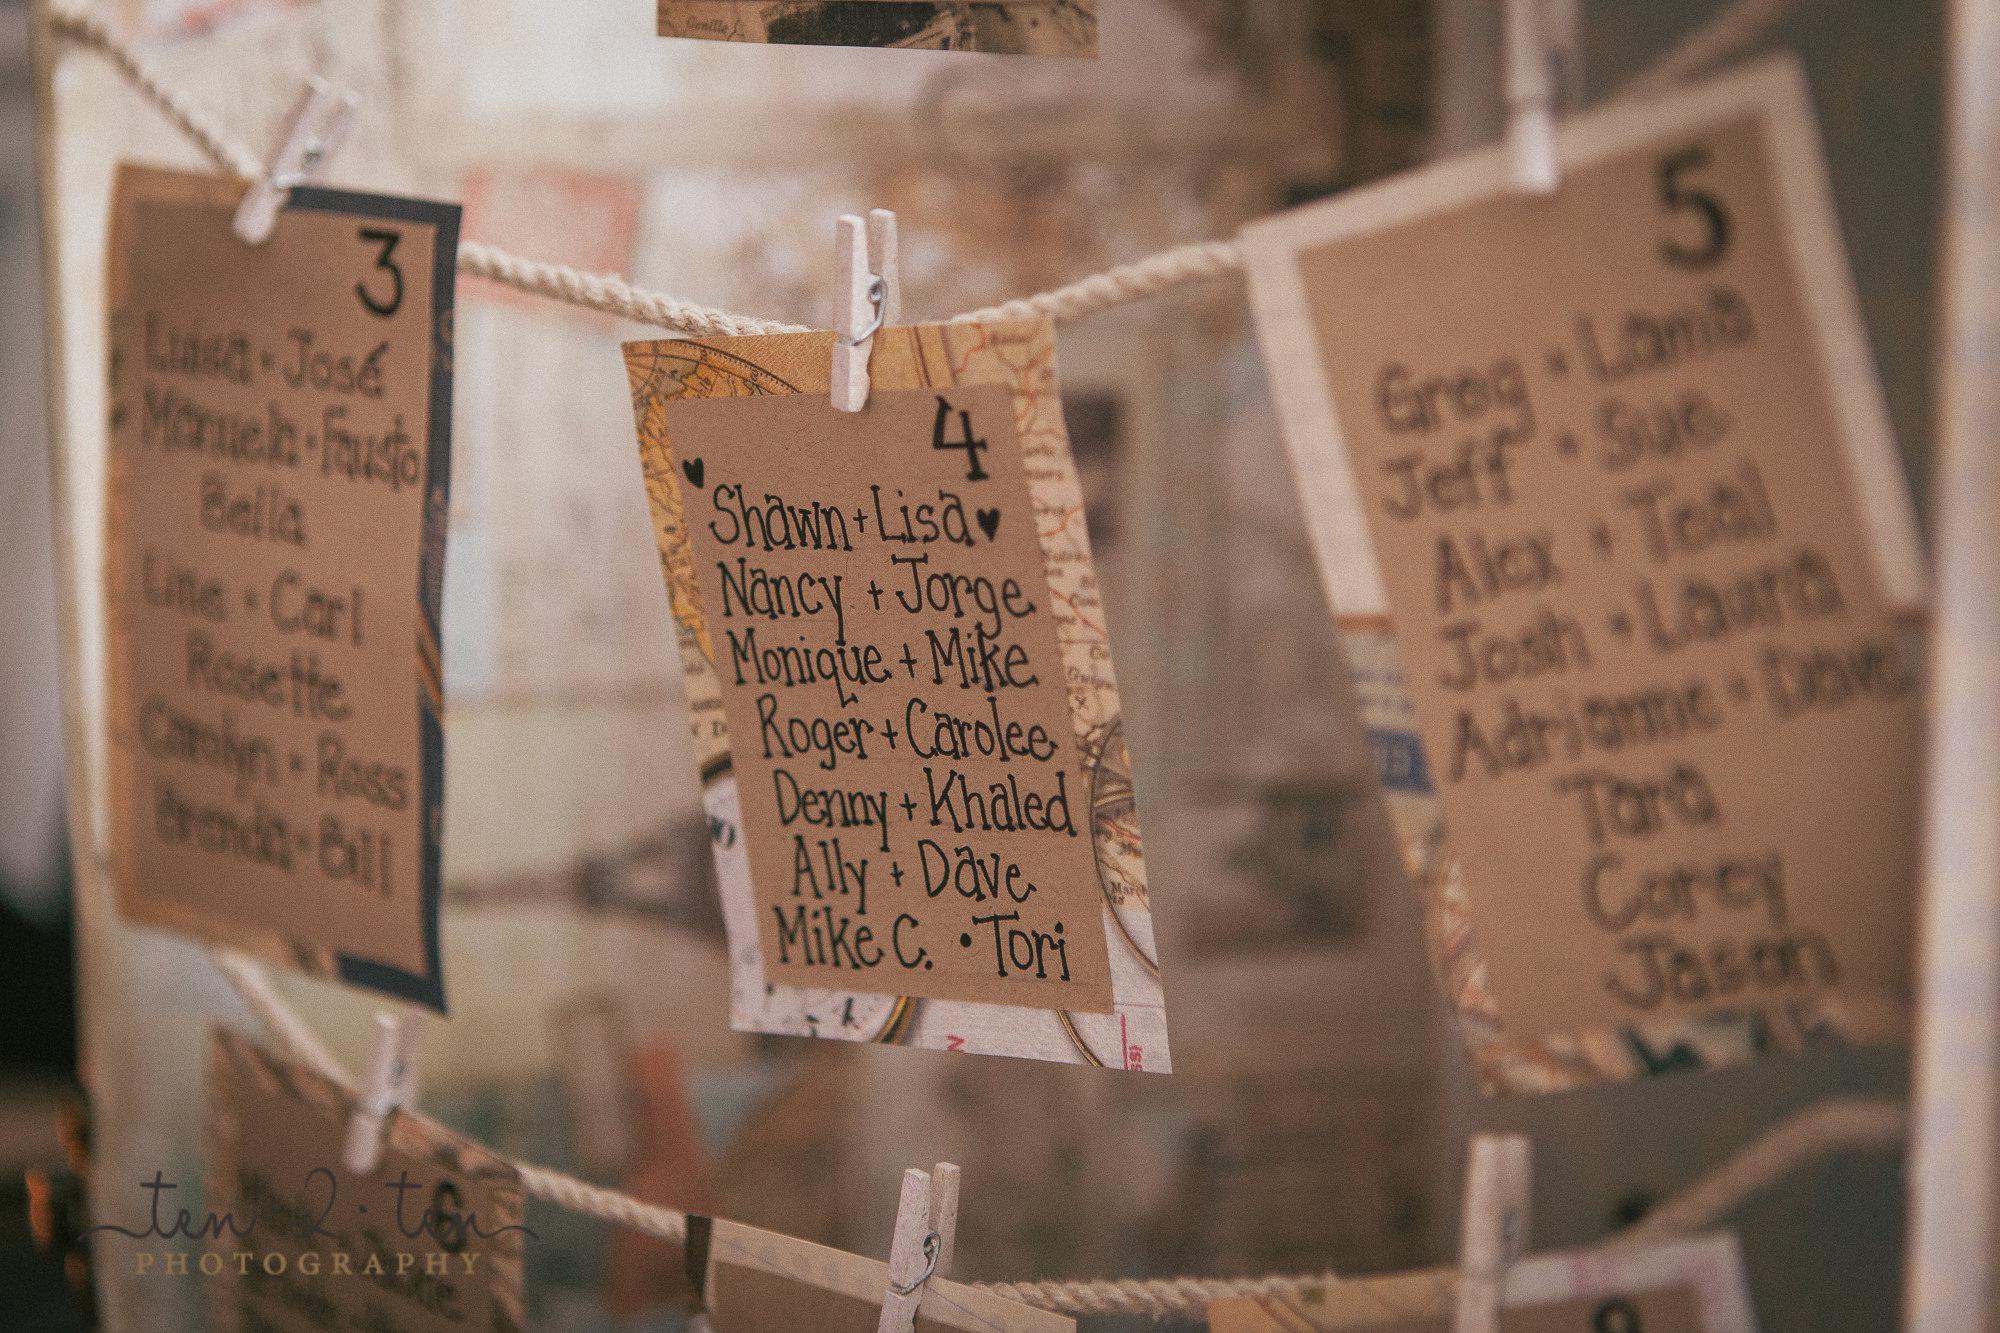 mildreds temple kitchen wedding photos 323 - Mildred's Temple Kitchen Wedding Photos